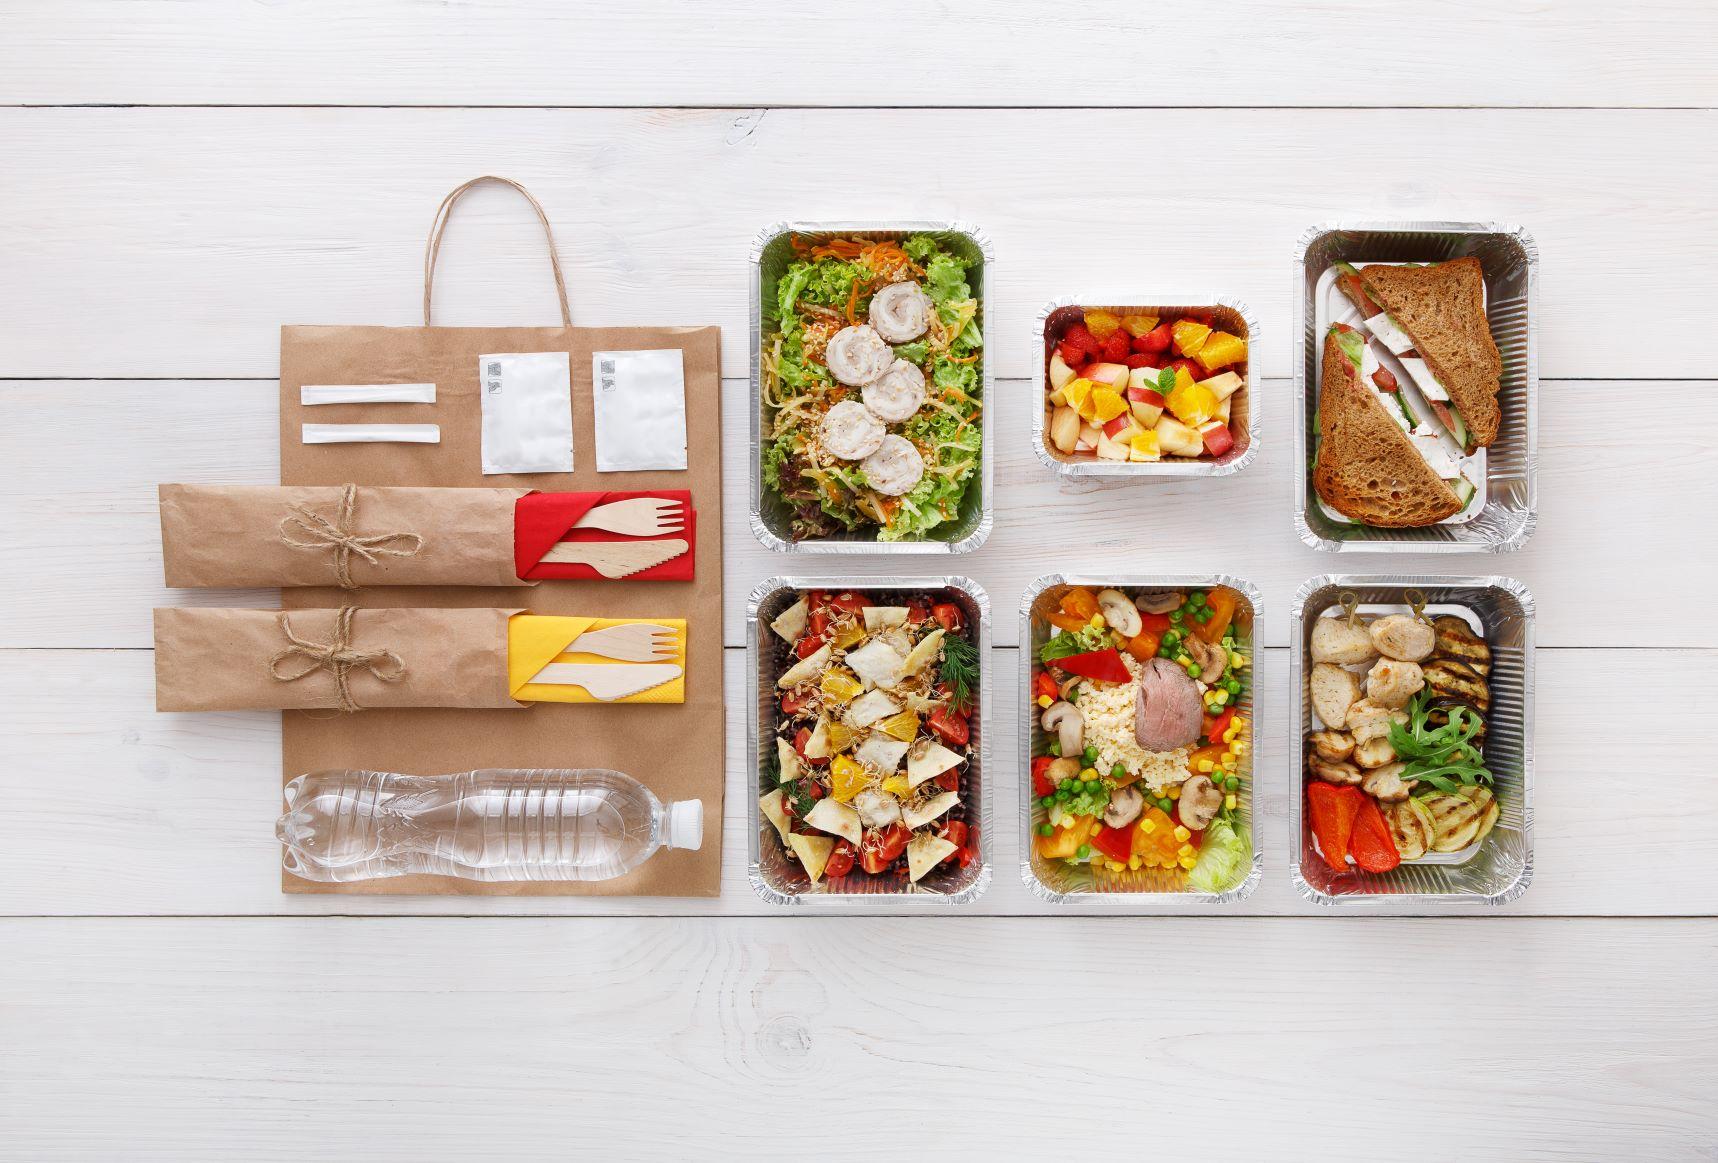 สั่งอาหารเดลิเวอรี่อย่างไรให้ปลอดภัย thaihealth